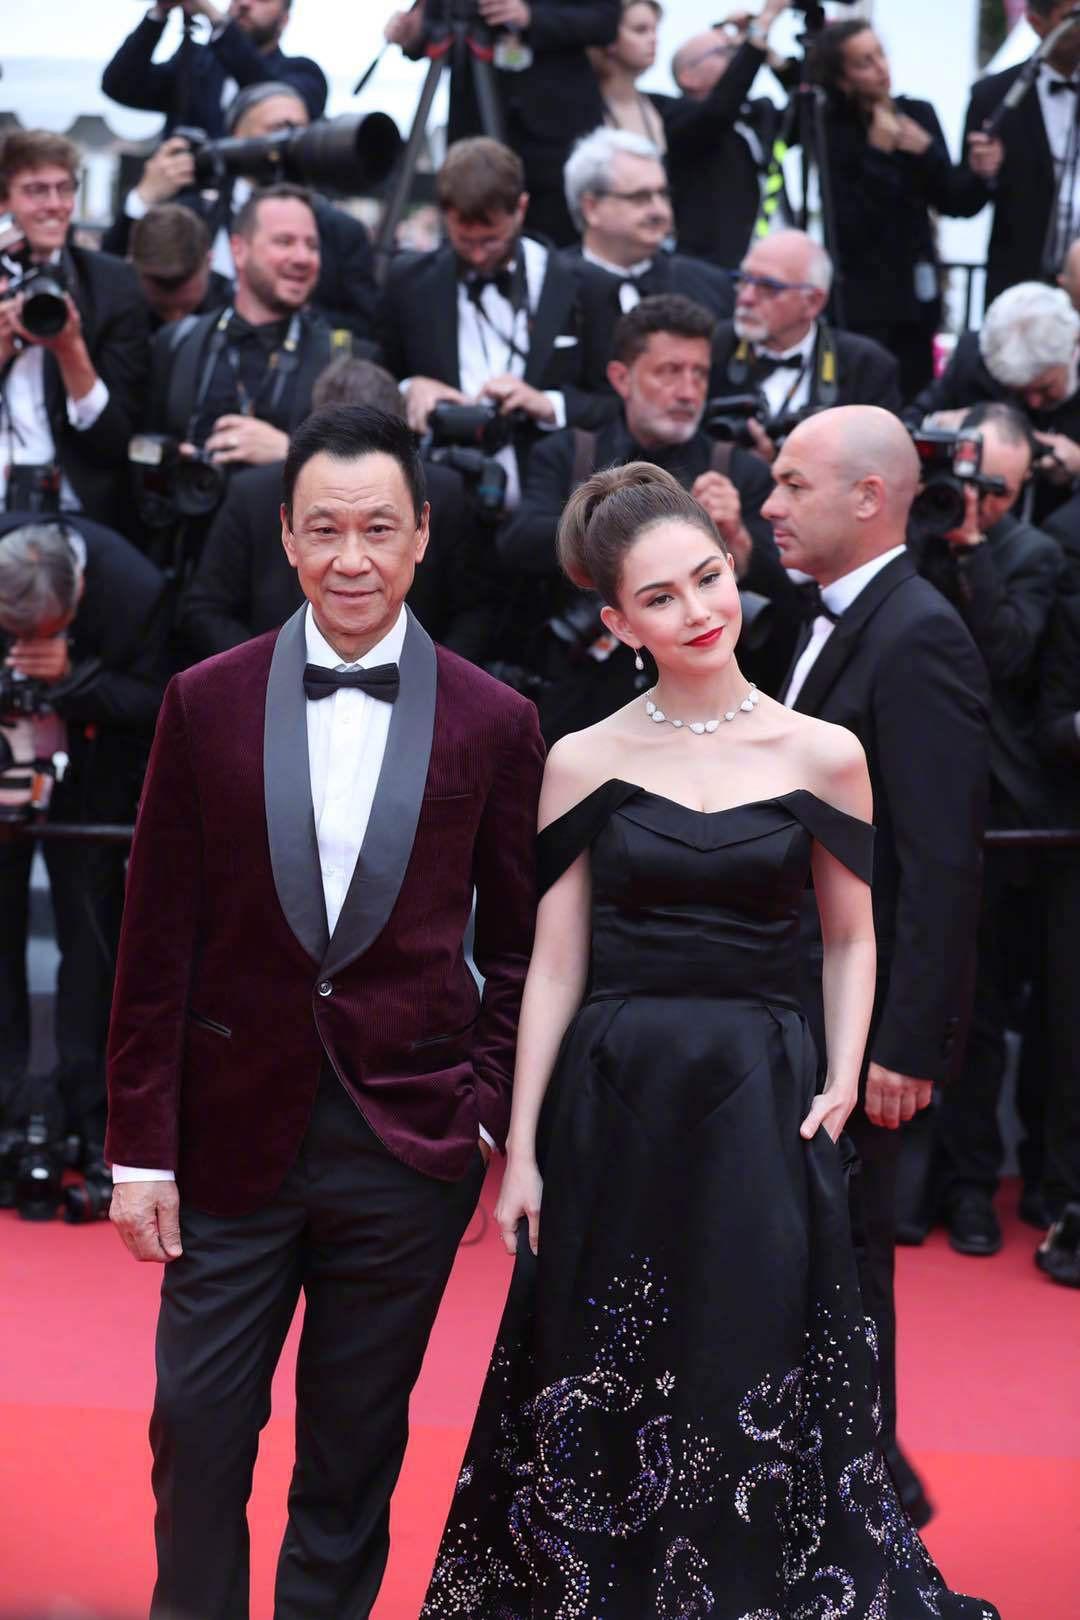 Cuồng vợ kiểu Châu Kiệt Luân: Tháp tùng bà xã bằng trực thăng riêng nhưng cải trang thành fan ngắm vợ tại Cannes - Ảnh 2.